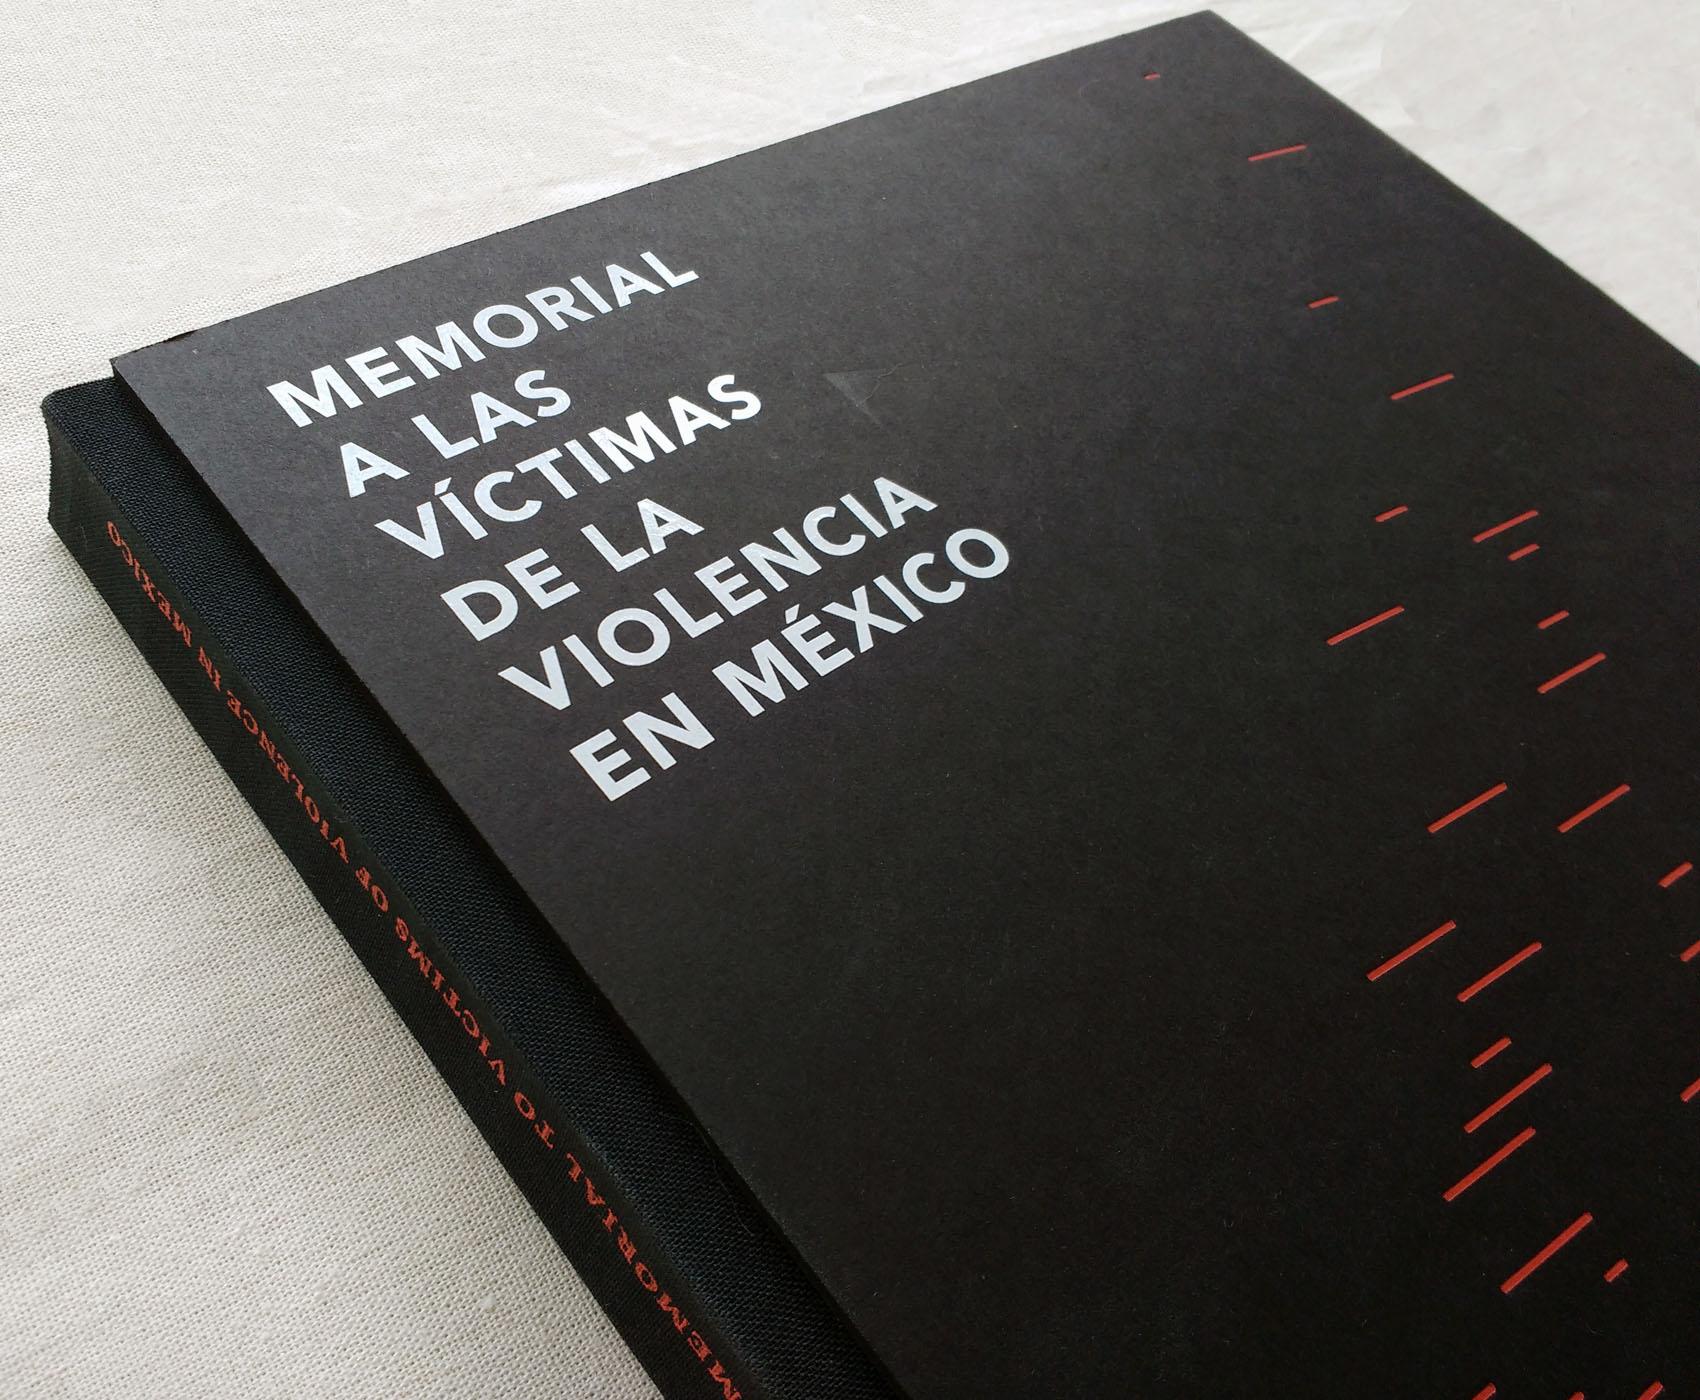 MEMORIAL A LAS VÍCTIMAS DE LA VIOLENCIA EN MÉXICO Farolito